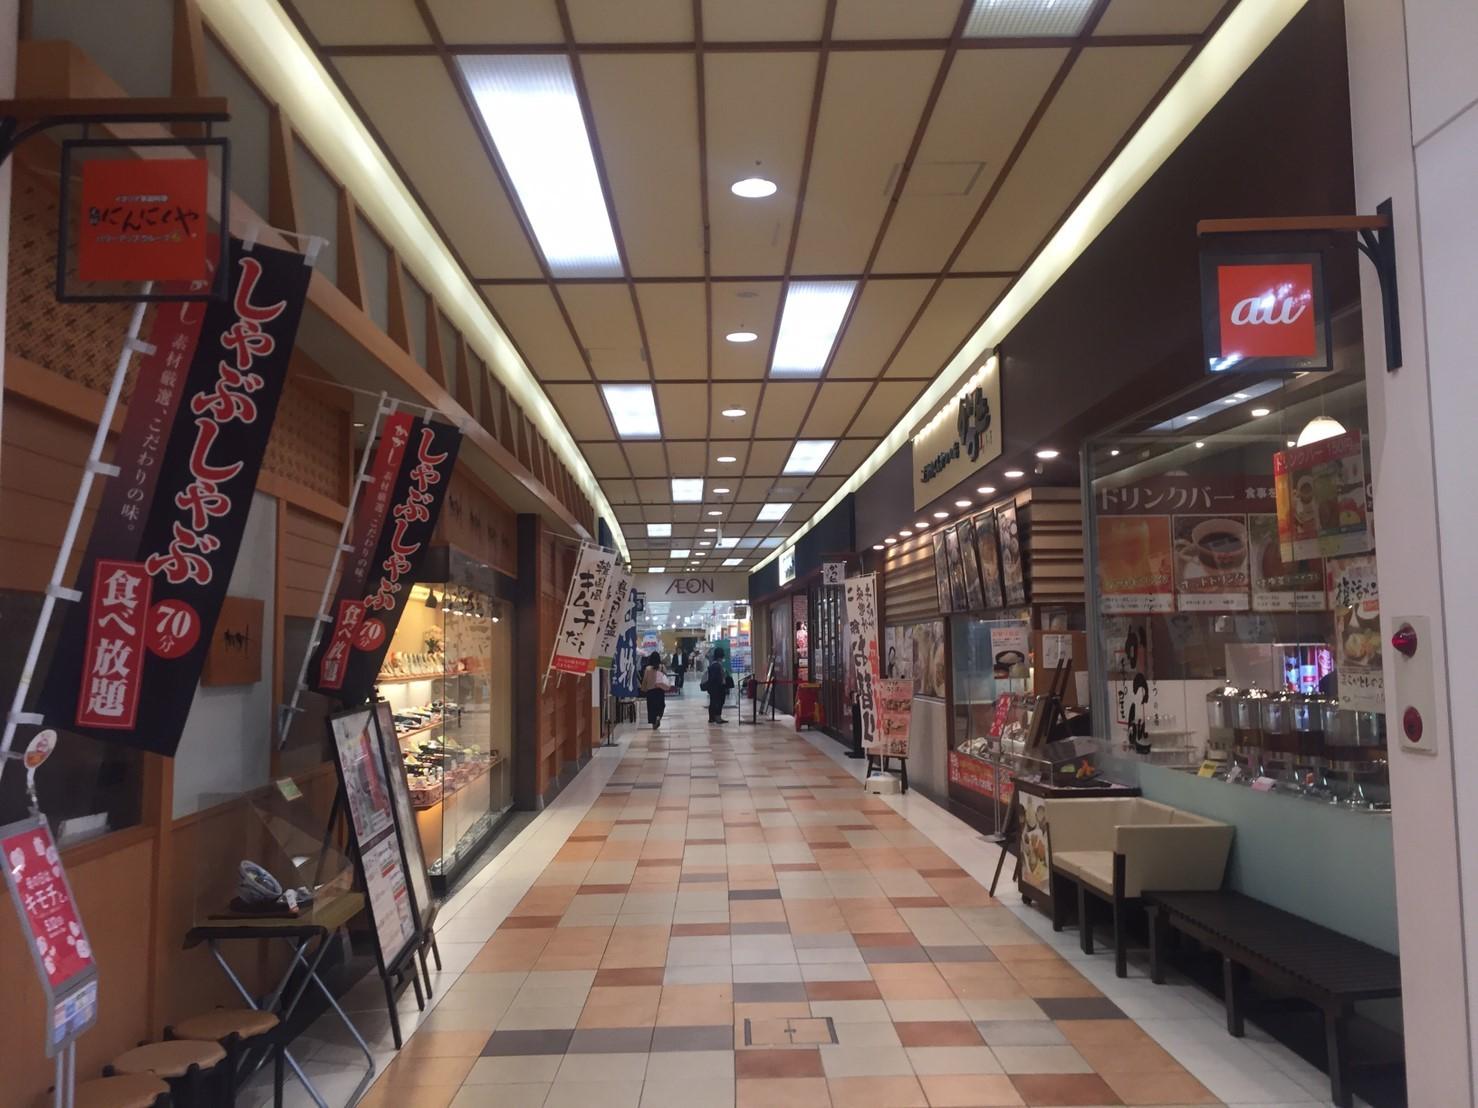 いきなりステーキ イオンモール鳥取北店_e0115904_02505537.jpg